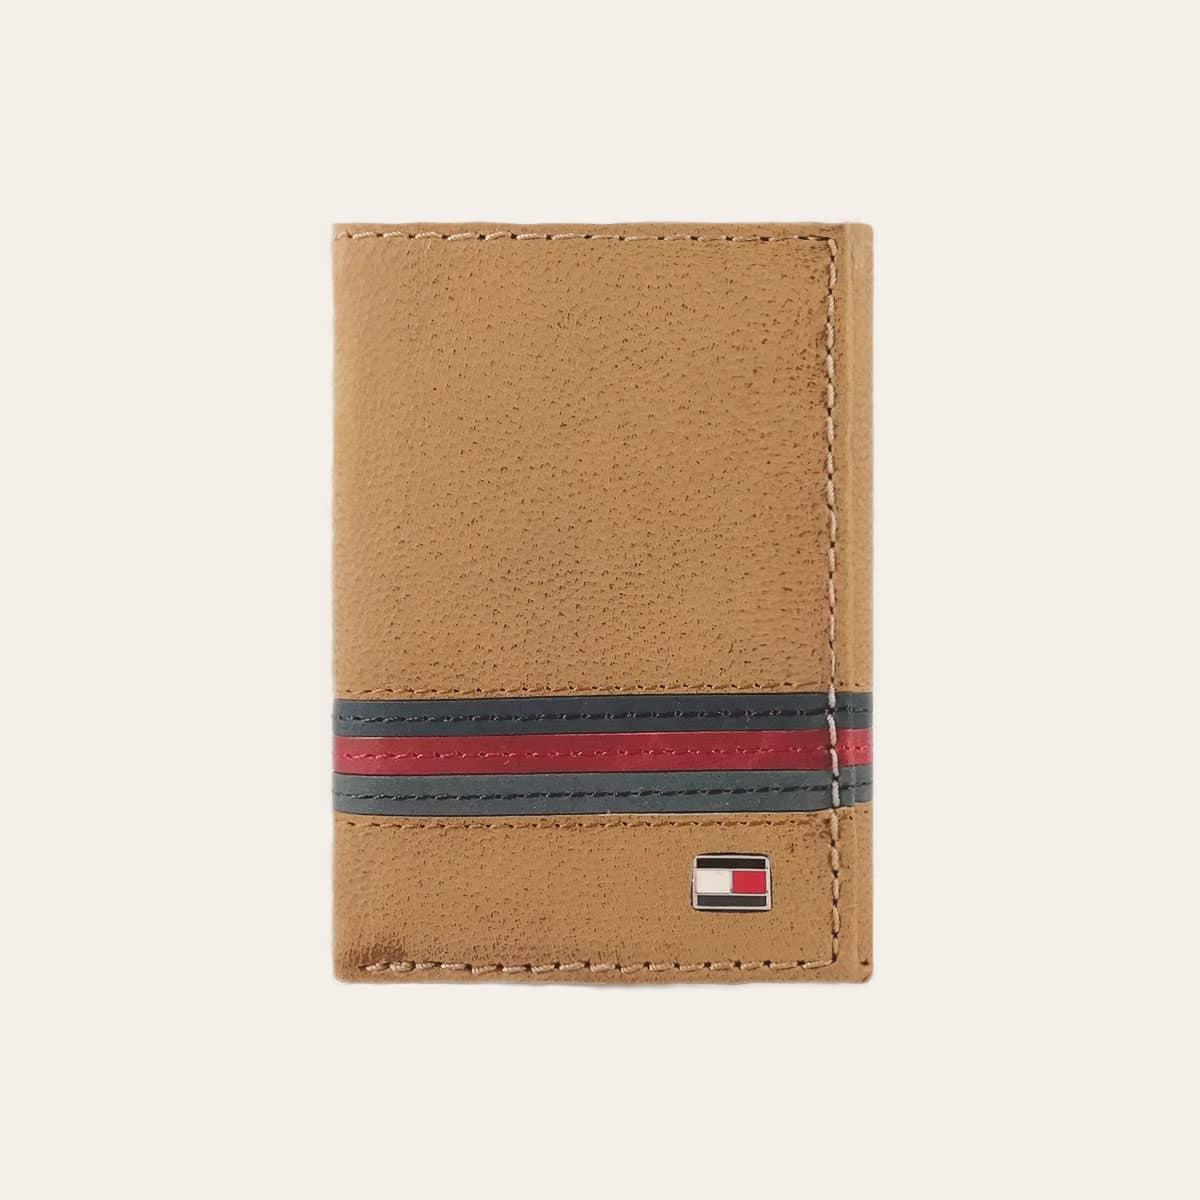 Pánská kožená peněženka TOMMY HILFIGER hnědá